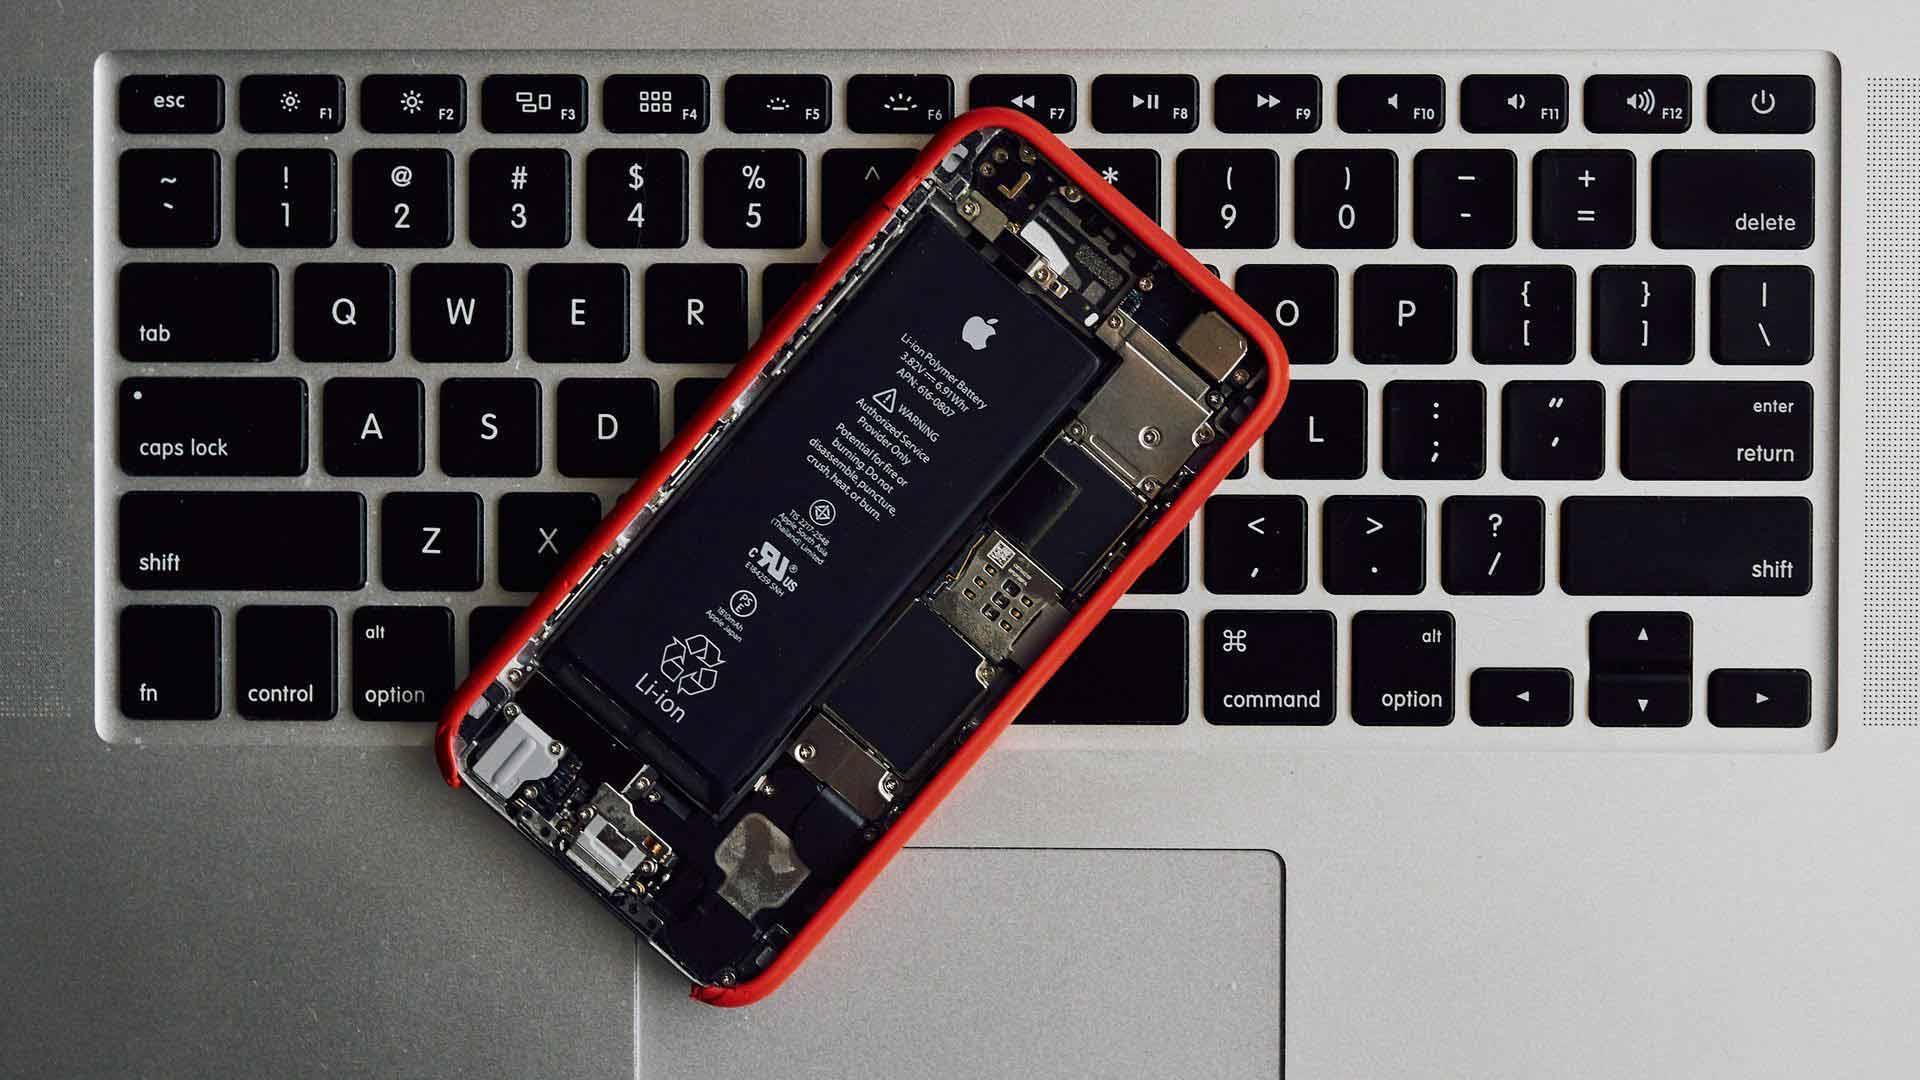 zamena tastatura, baterija i ekrana na apple uređajima